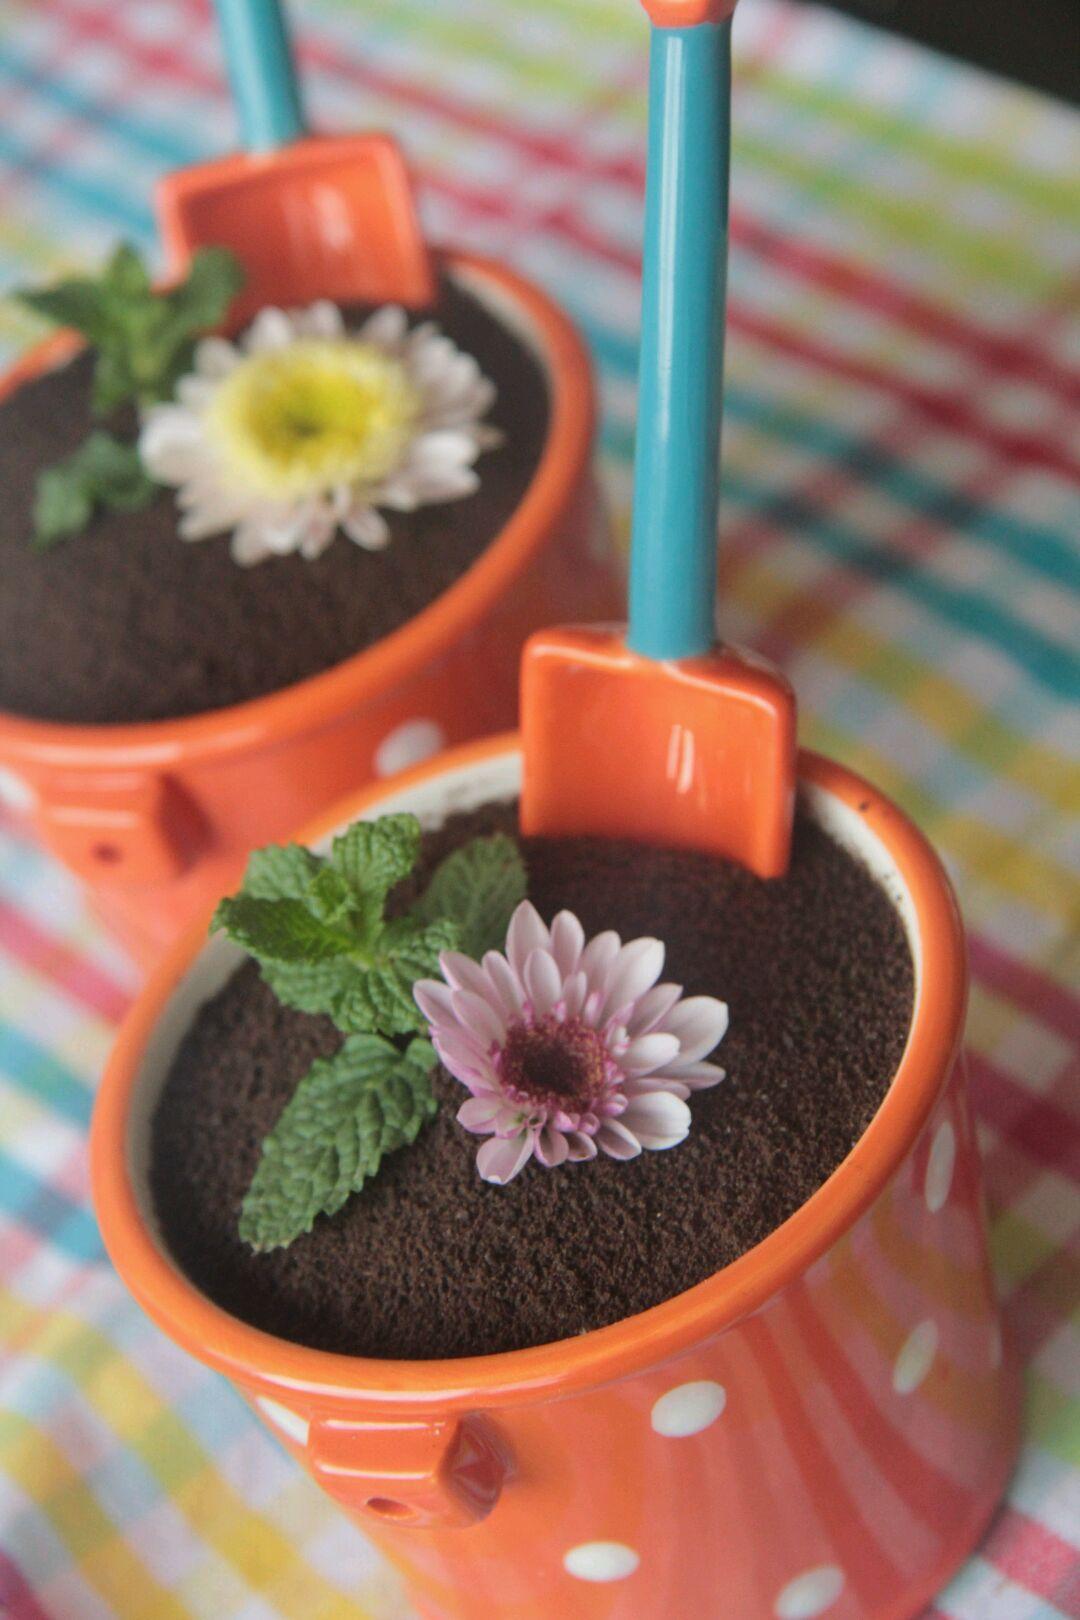 新鲜水果适量 春天的应景甜品---可爱小盆栽的做法步骤 分类